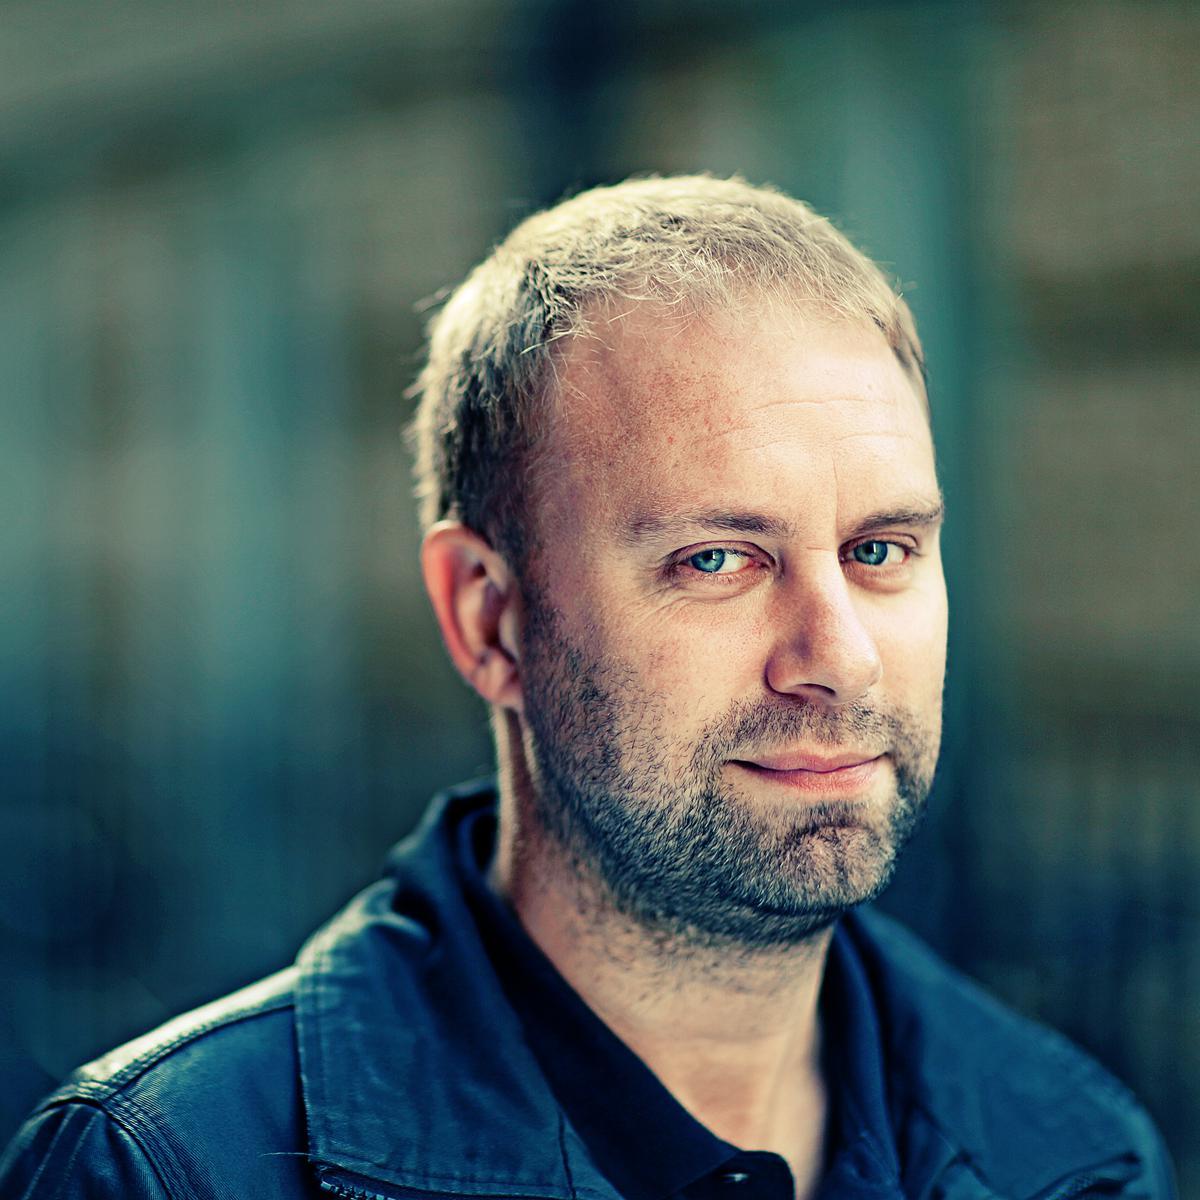 Corporate Portrait of Ian Hopkins (London Studio of Art & Commerce) by Julian Hanford